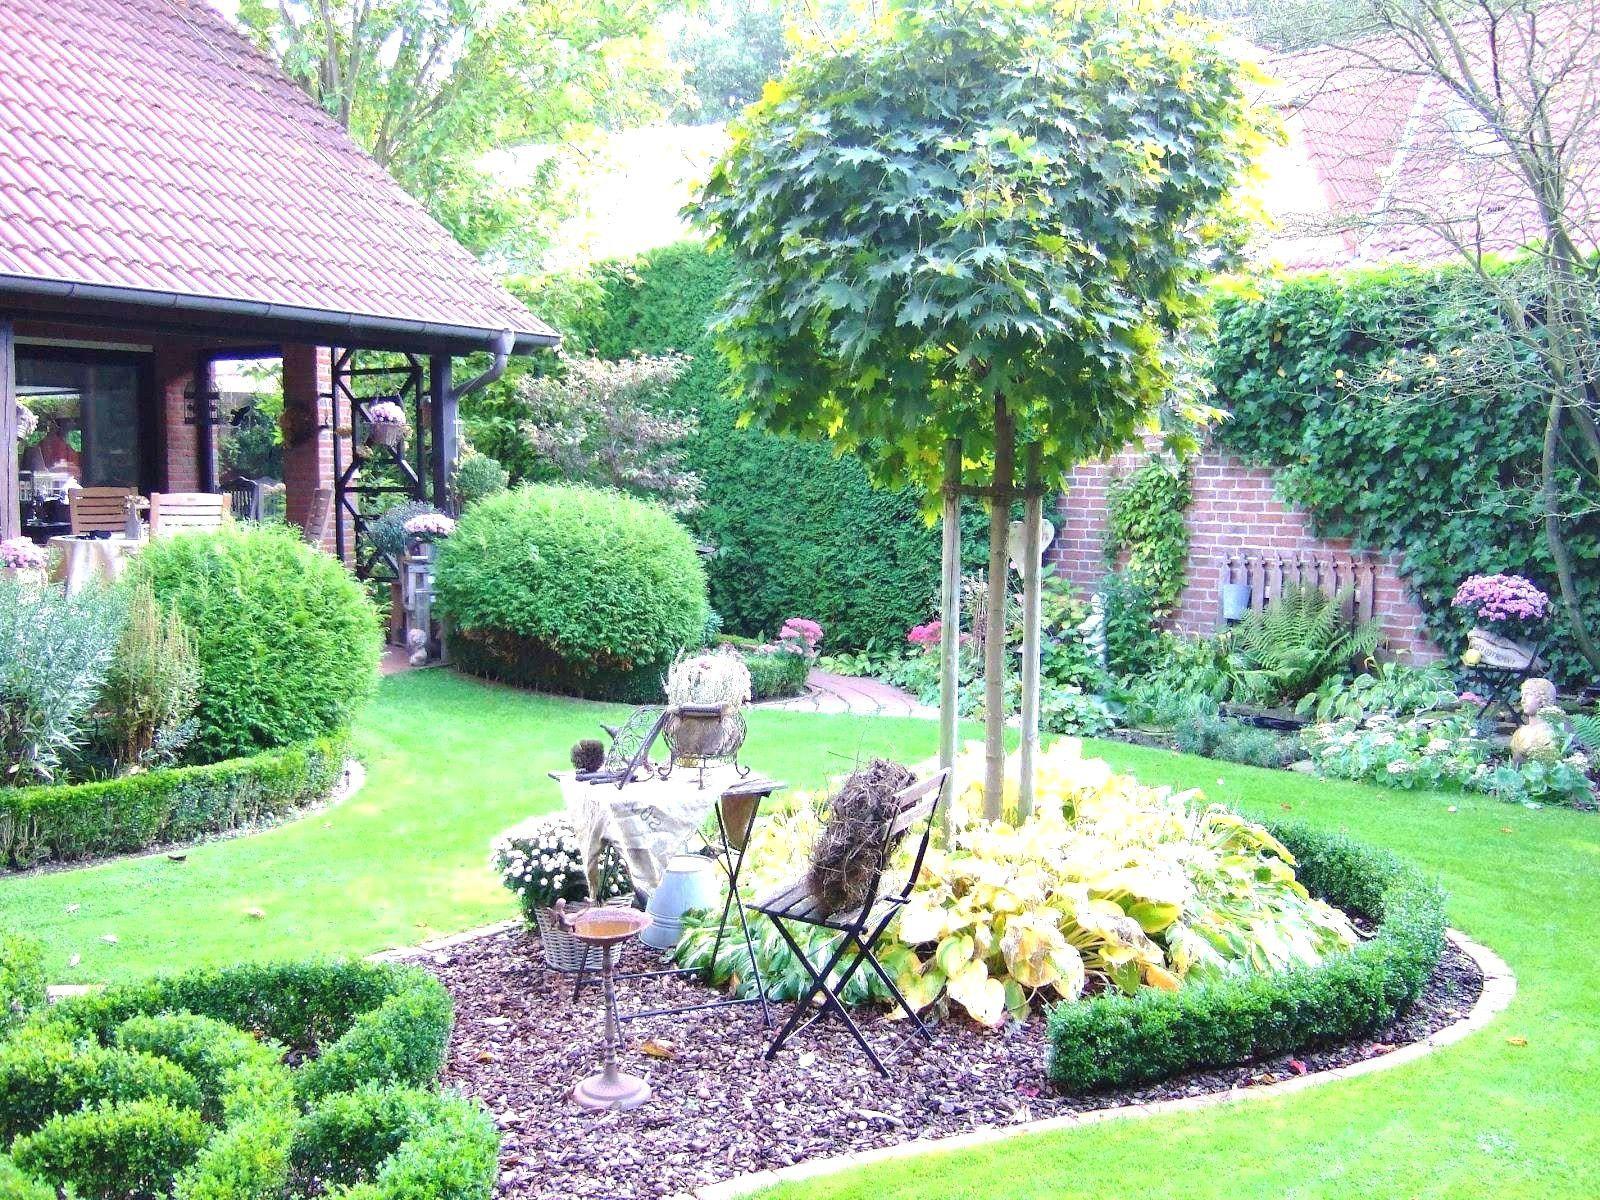 Garten Ideen Modern Gartengestaltung Garten Gestalten Aussenleuchten Garten